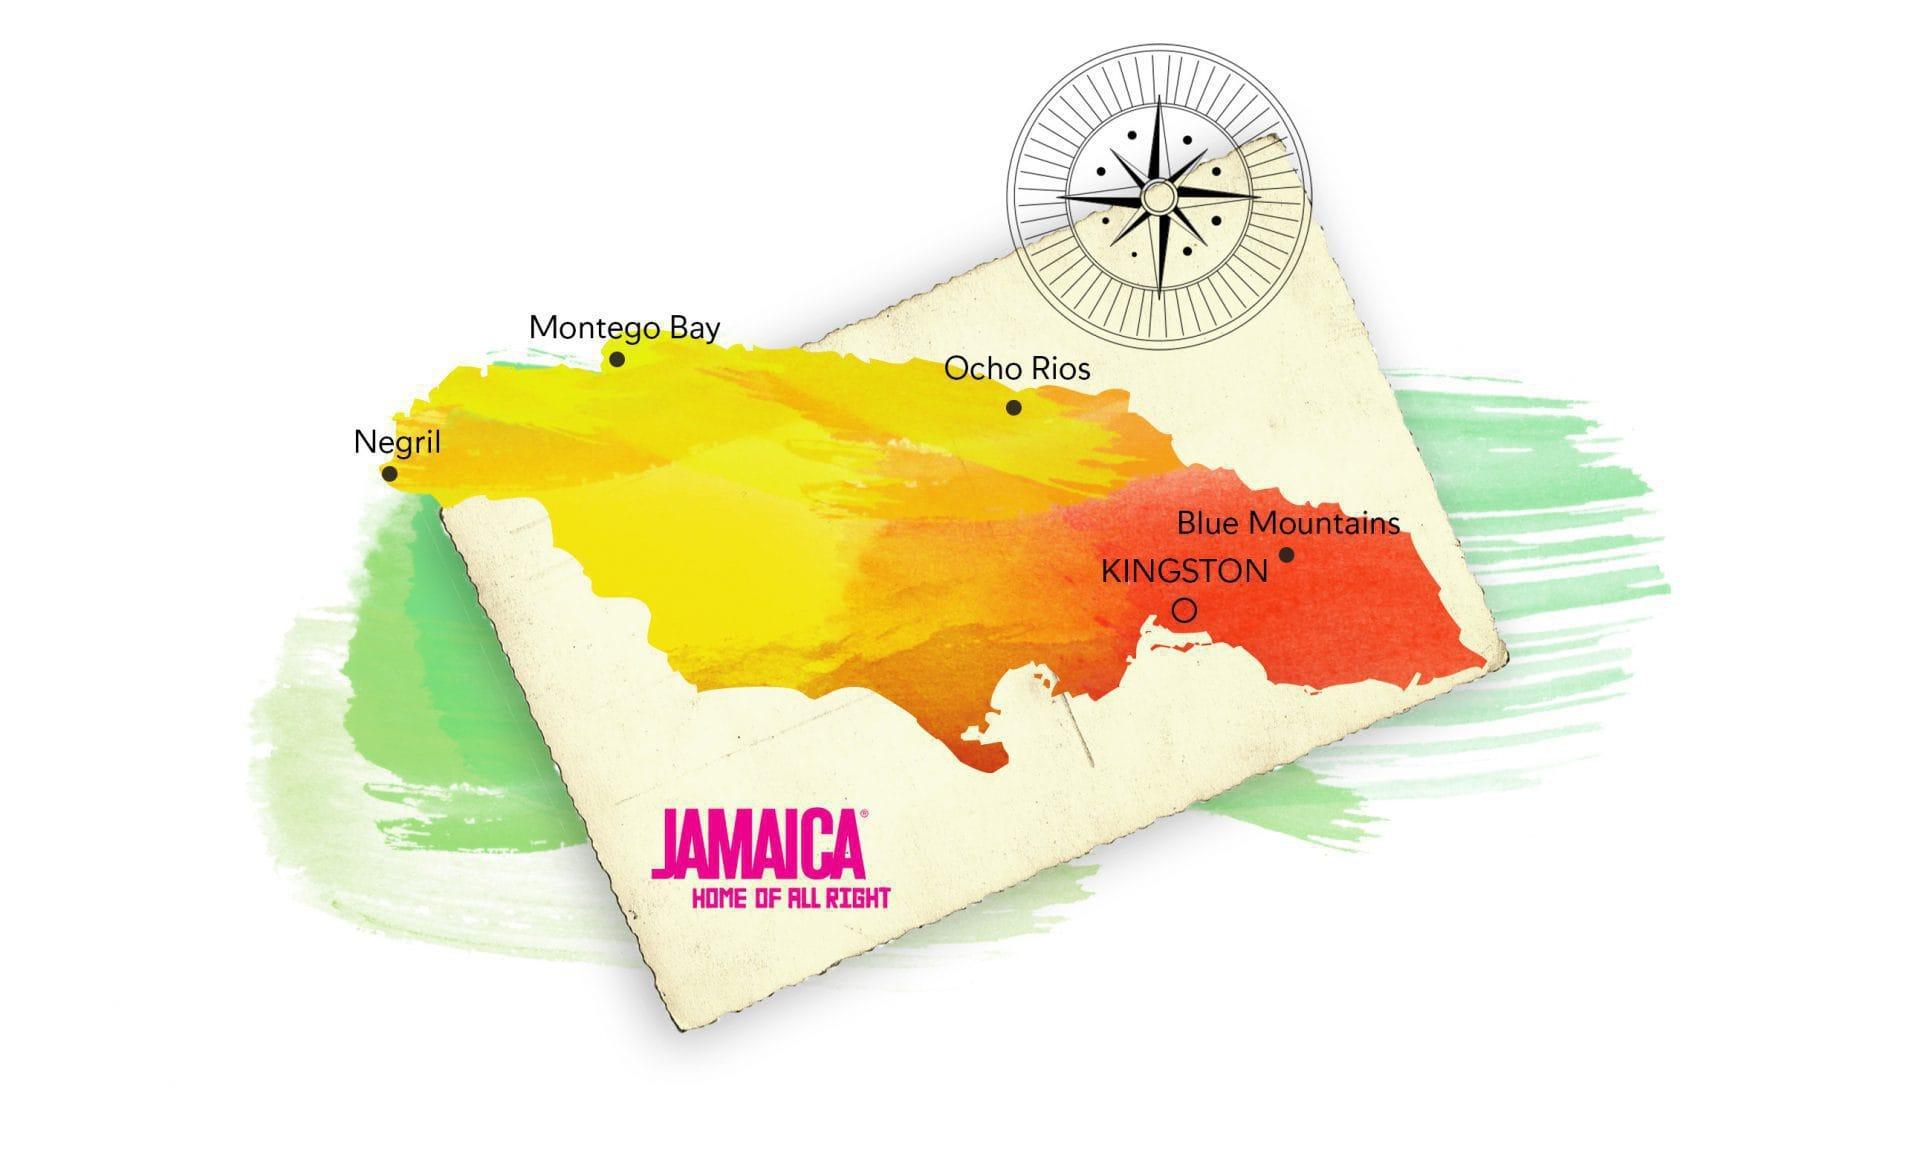 Mapa de Jamaica en el Caribe